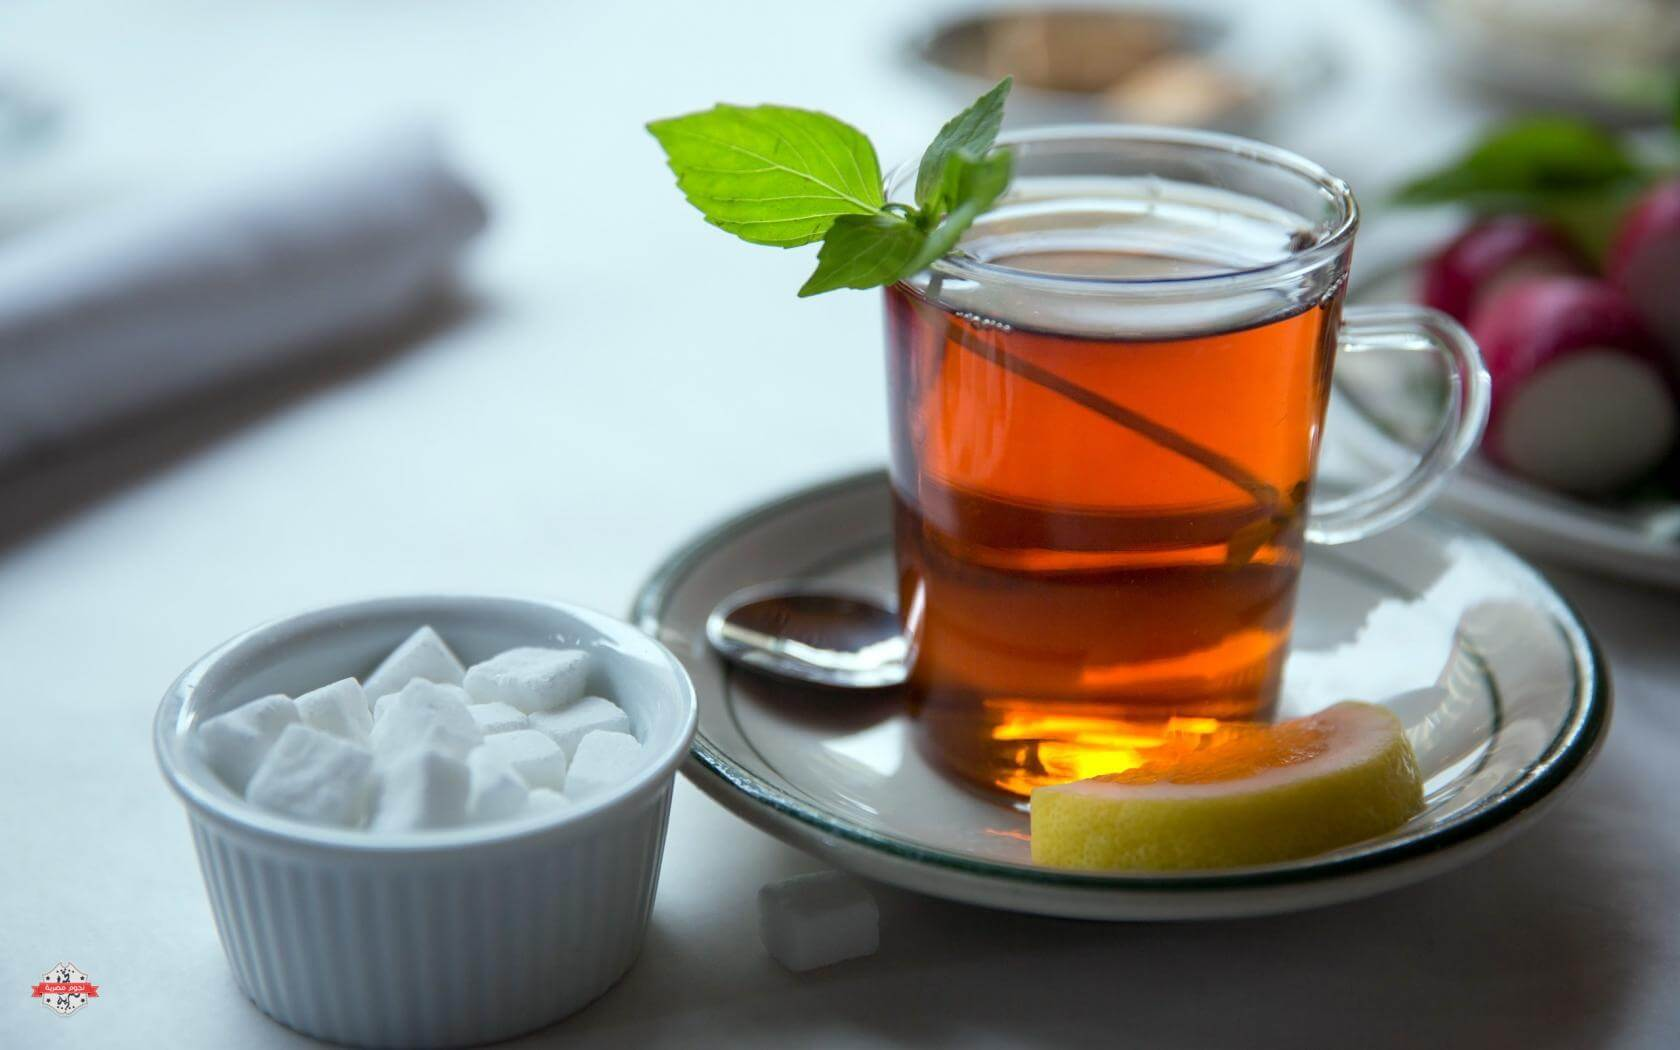 صورة صور كوب شاي , مجموعه متنوعه من اشهى واجمل صور لكوبيات الشاى